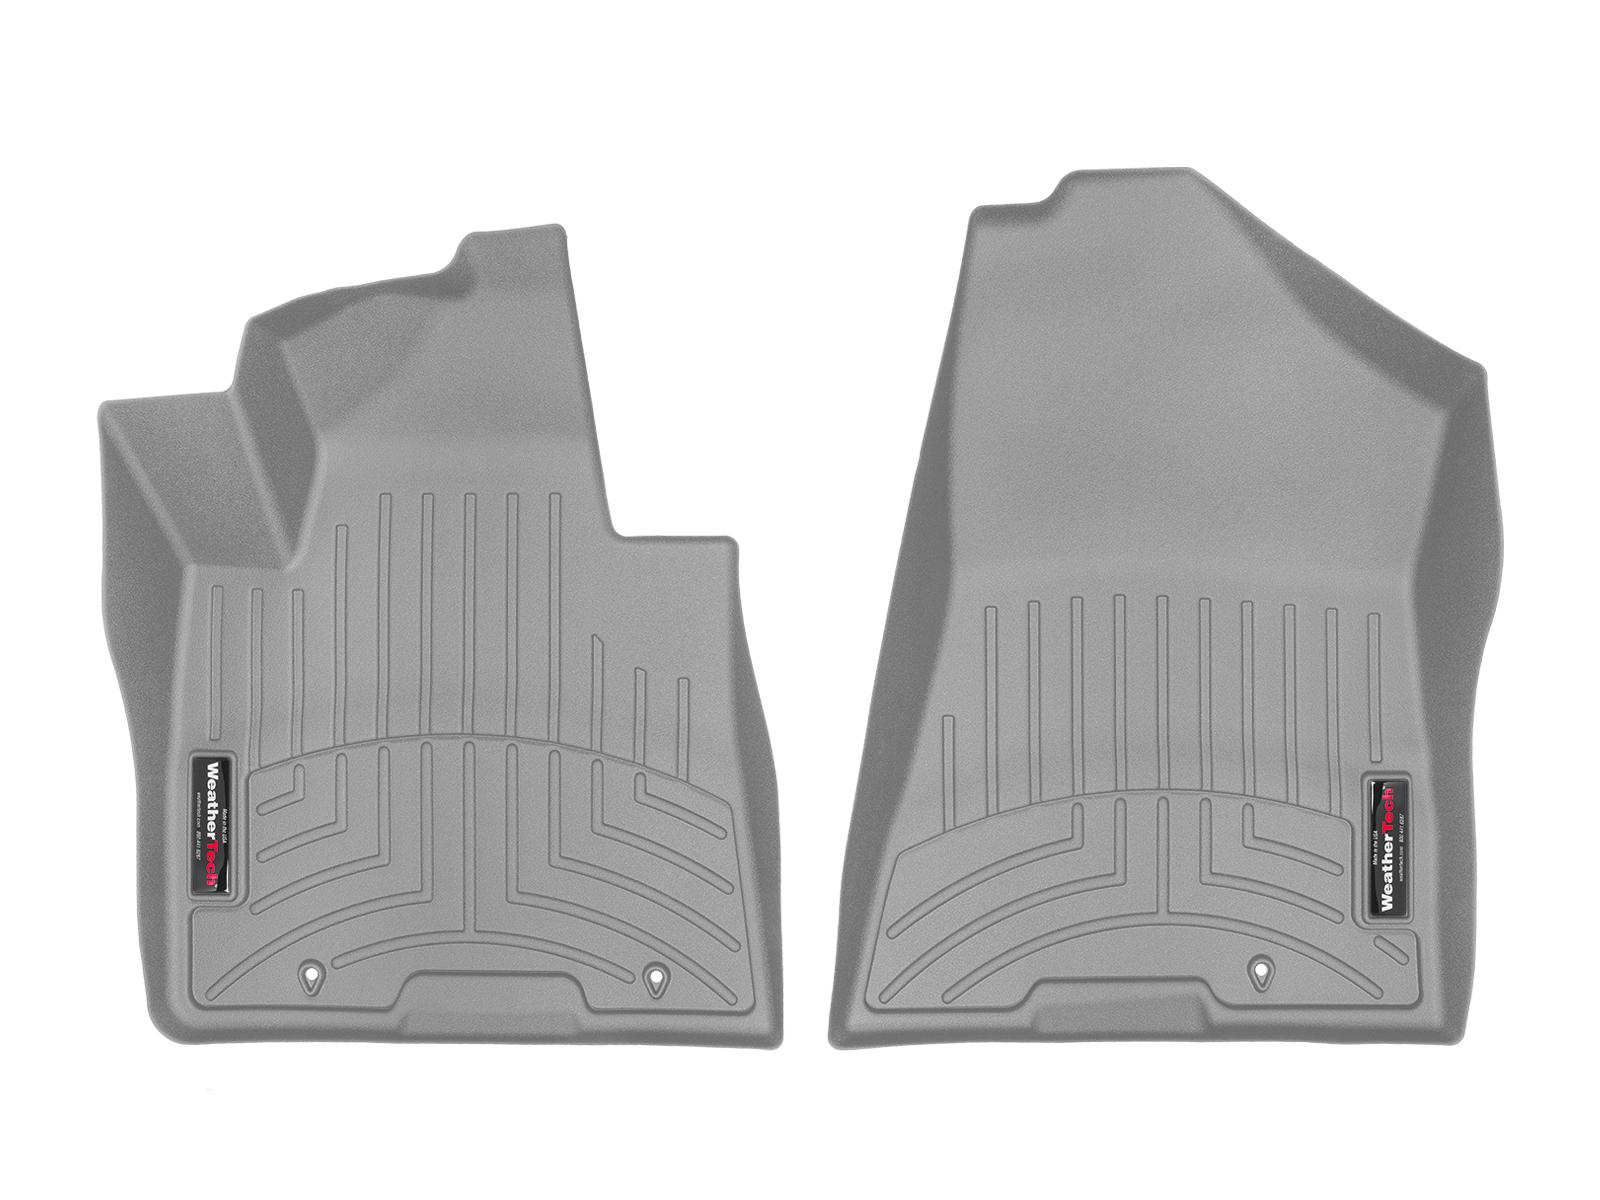 Tappeti gomma Weathertech bordo alto Hyundai Tucson 15>17 Grigio A1498